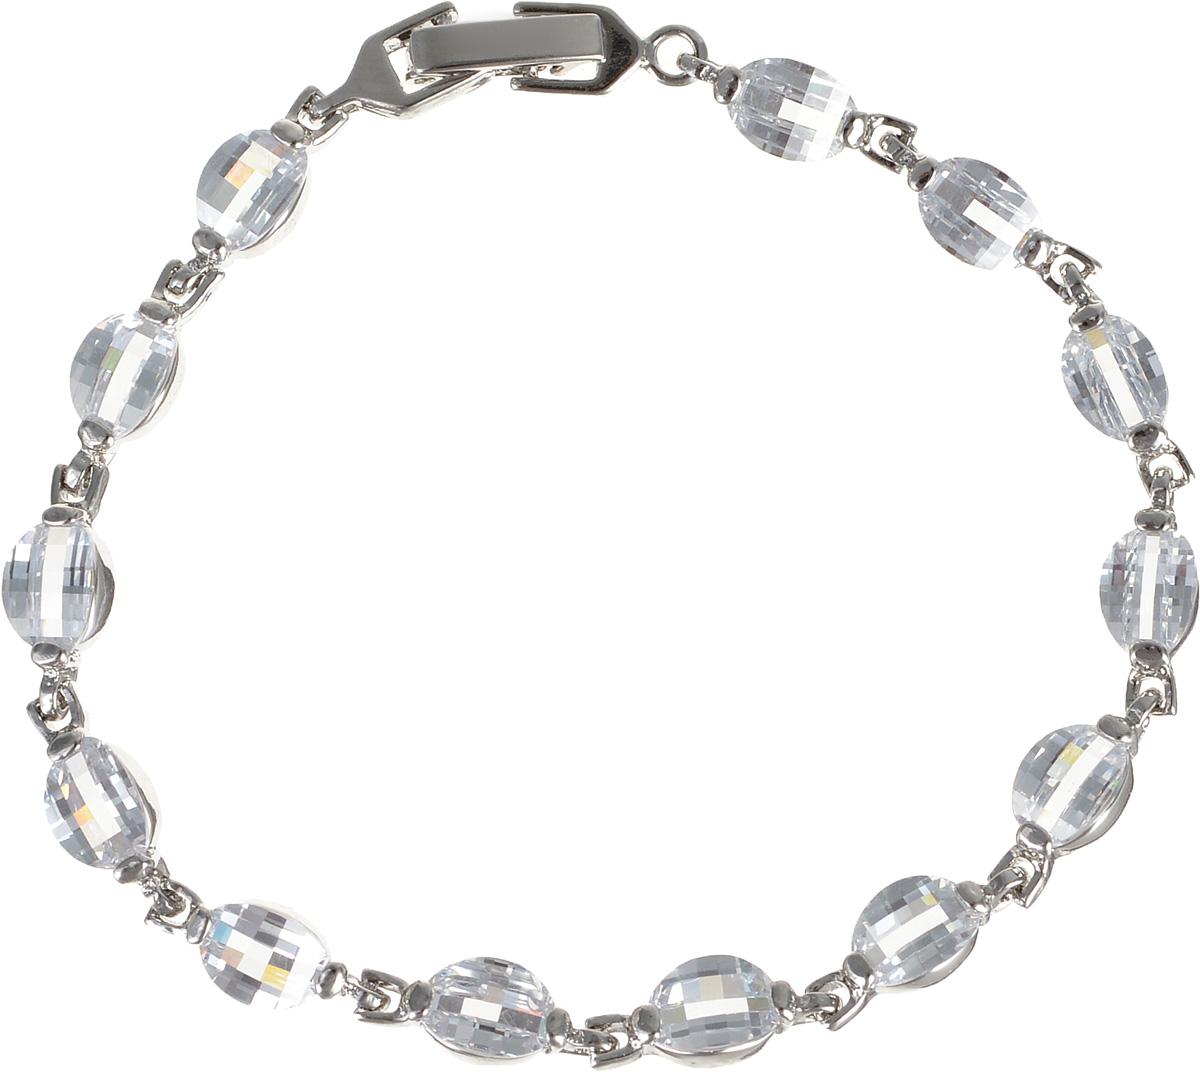 Браслет Diamond, цвет: серебристый. 4002786040027860Оригинальный браслет Diamond, выполненный из металла серебристого цвета с гальваническим покрытием родием, декорирован цирконами. Такой браслет позволит вам с легкостью воплотить самую смелую фантазию и создать собственный, неповторимый образ. Браслет застегивается на металлический замок.